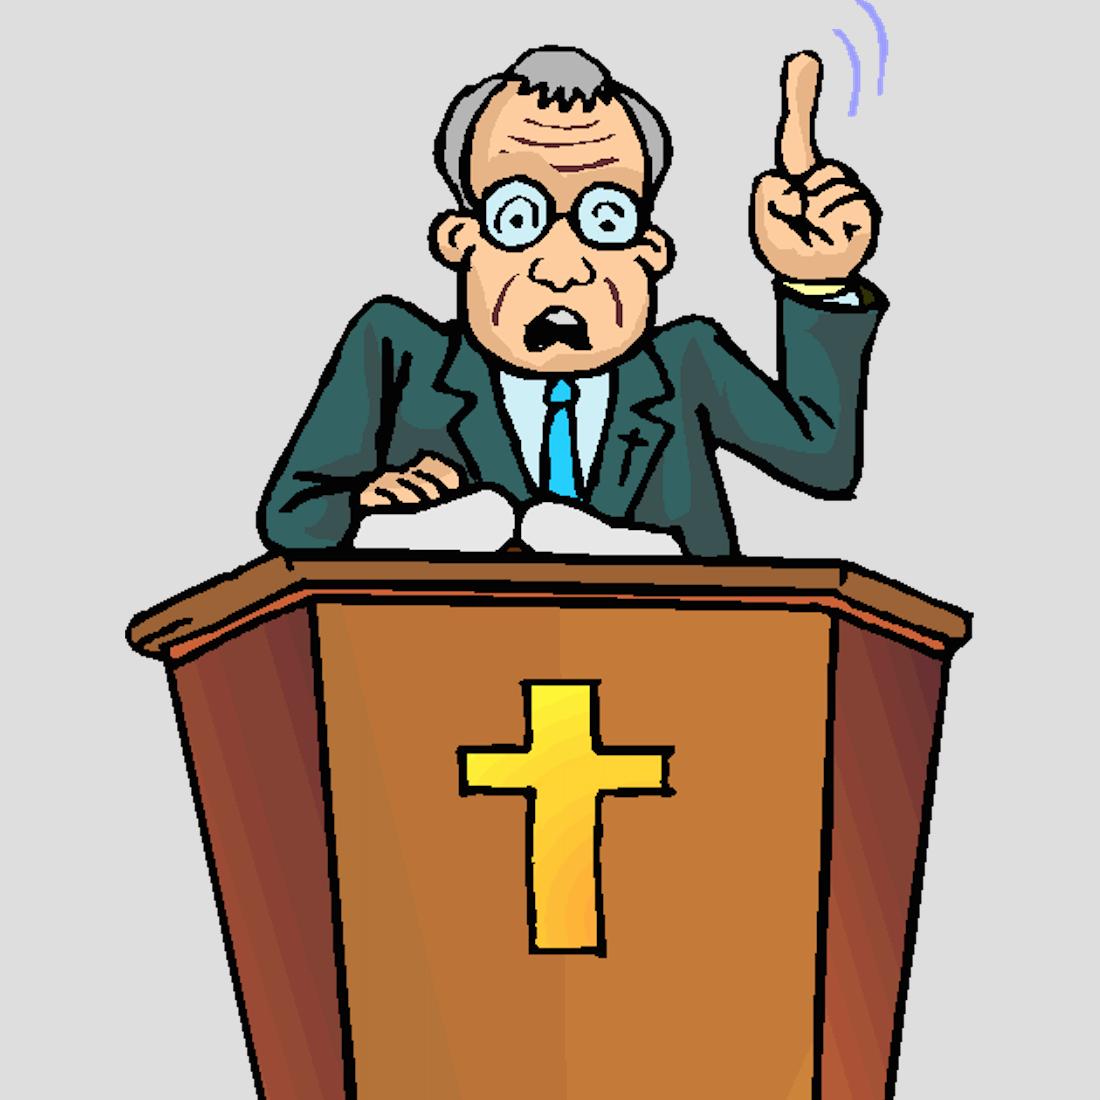 Preacher cliparts making the. Pastor clipart aggressive person